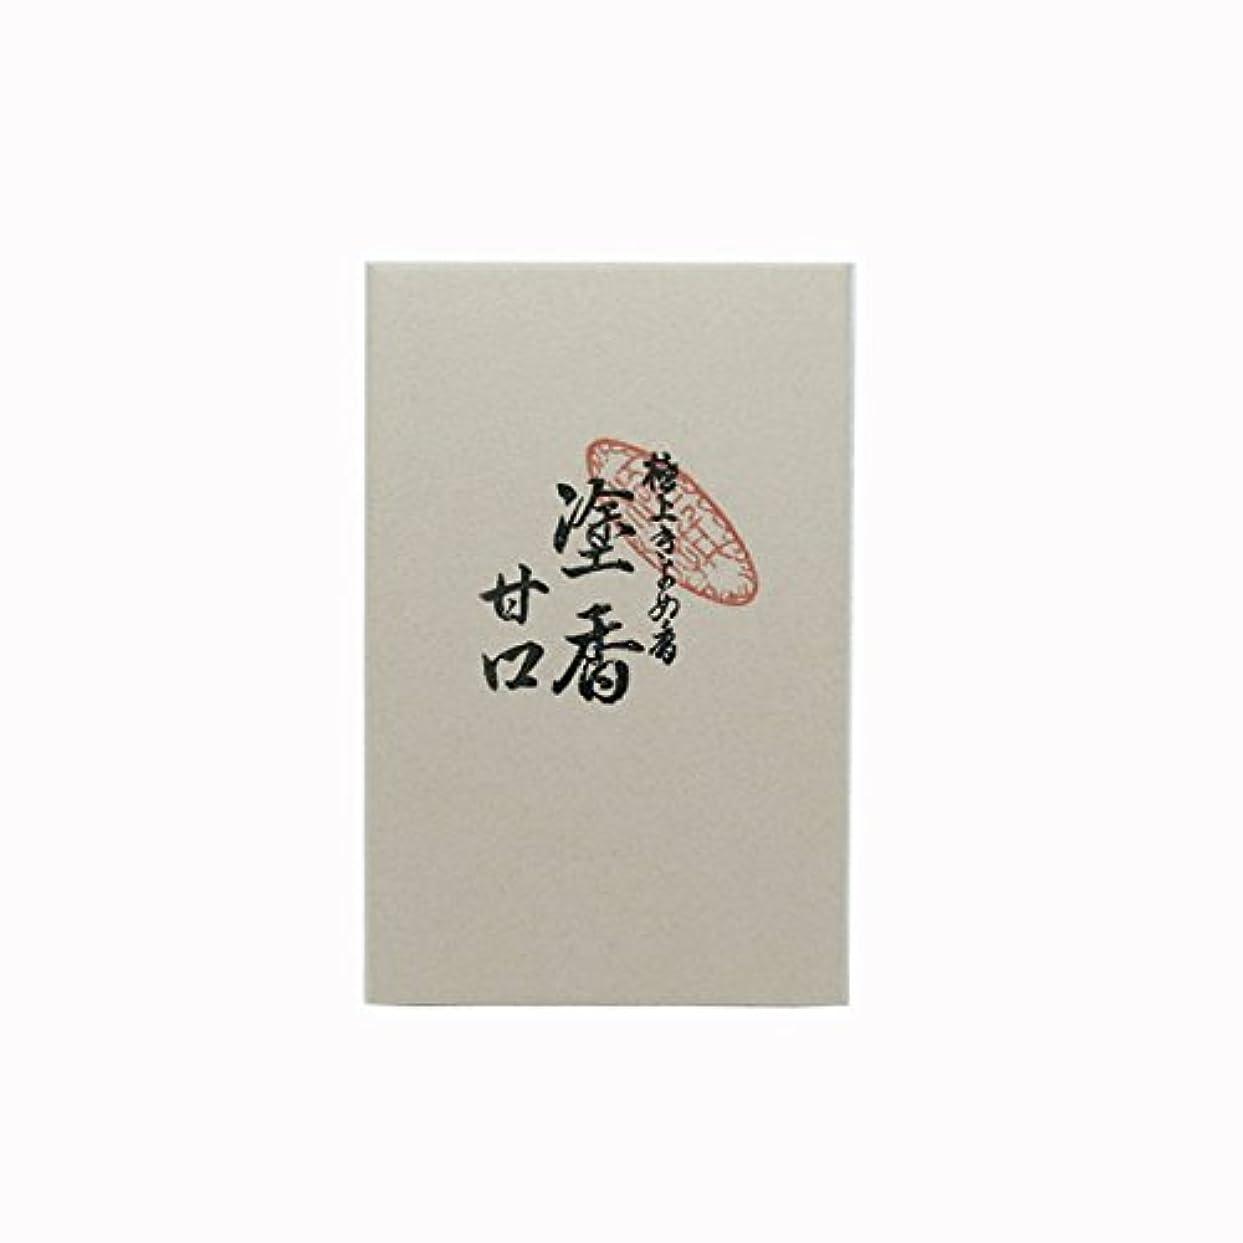 ワイプ抑止するオープナー塗香(甘口) 12g入